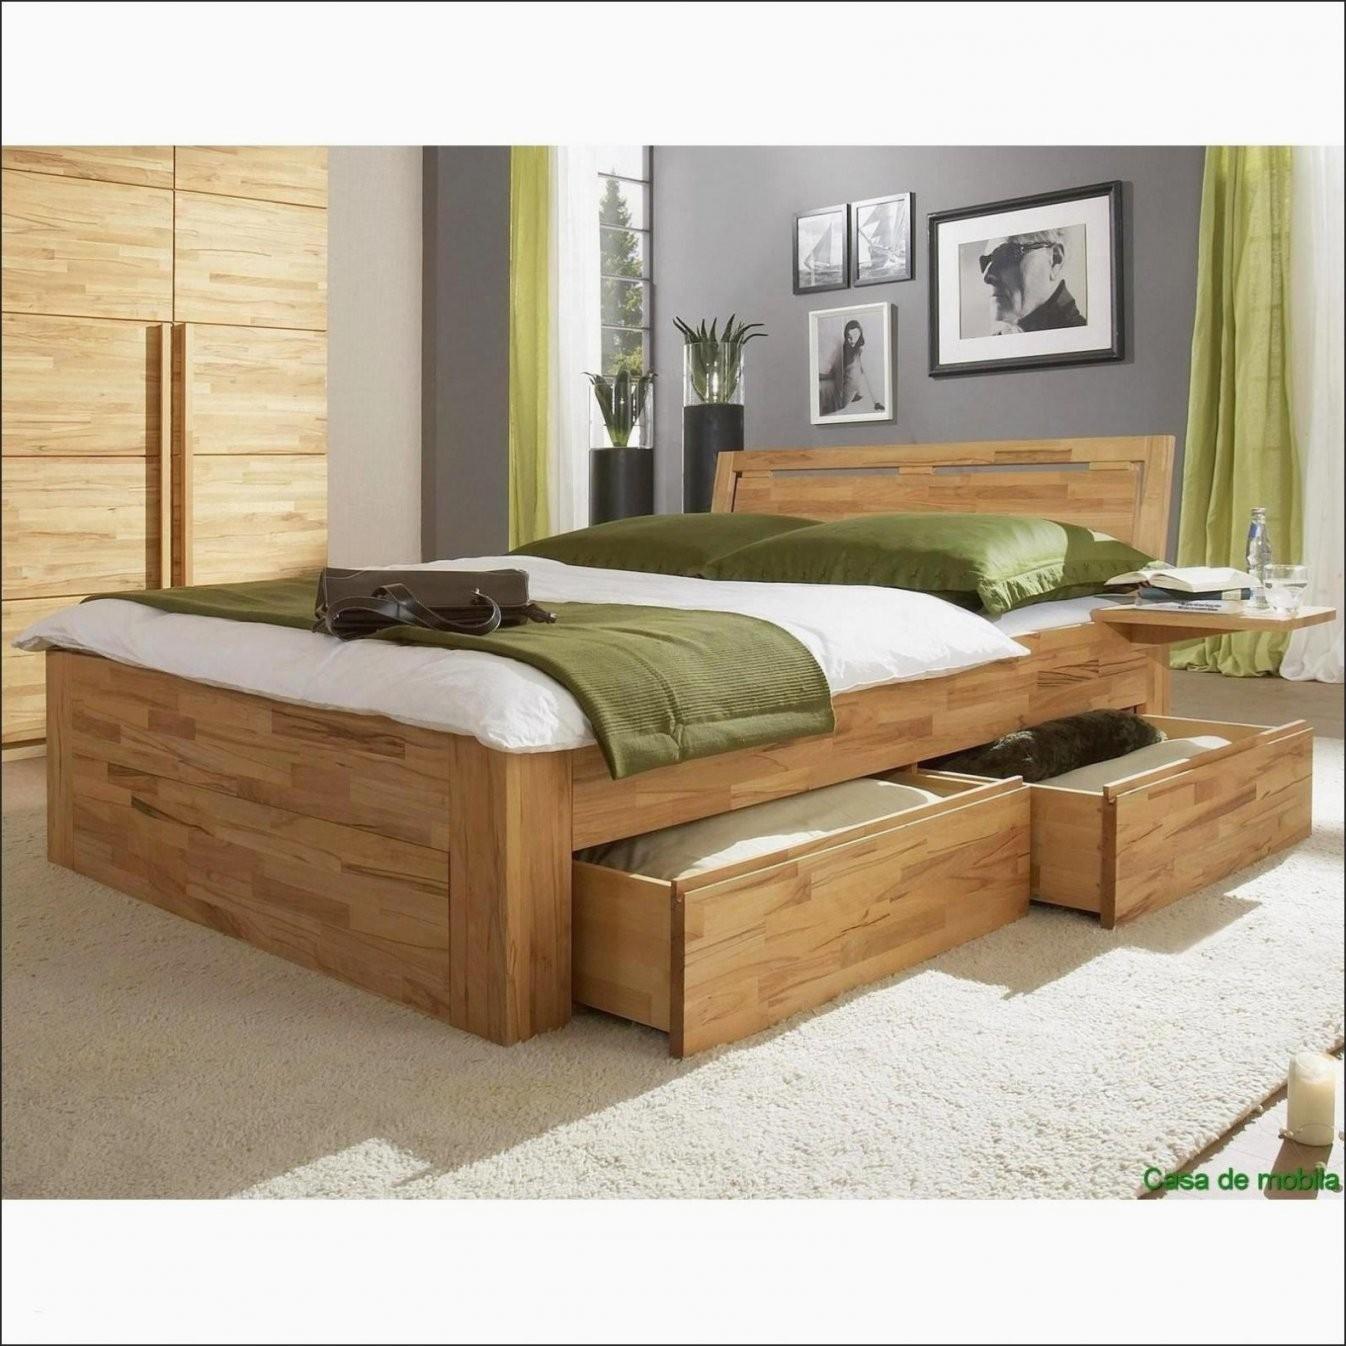 Bettgestell 140X200 Holz Frisch Enorm Betten 140X200 Holz Bett von Bettgestell Holz 140X200 Bild